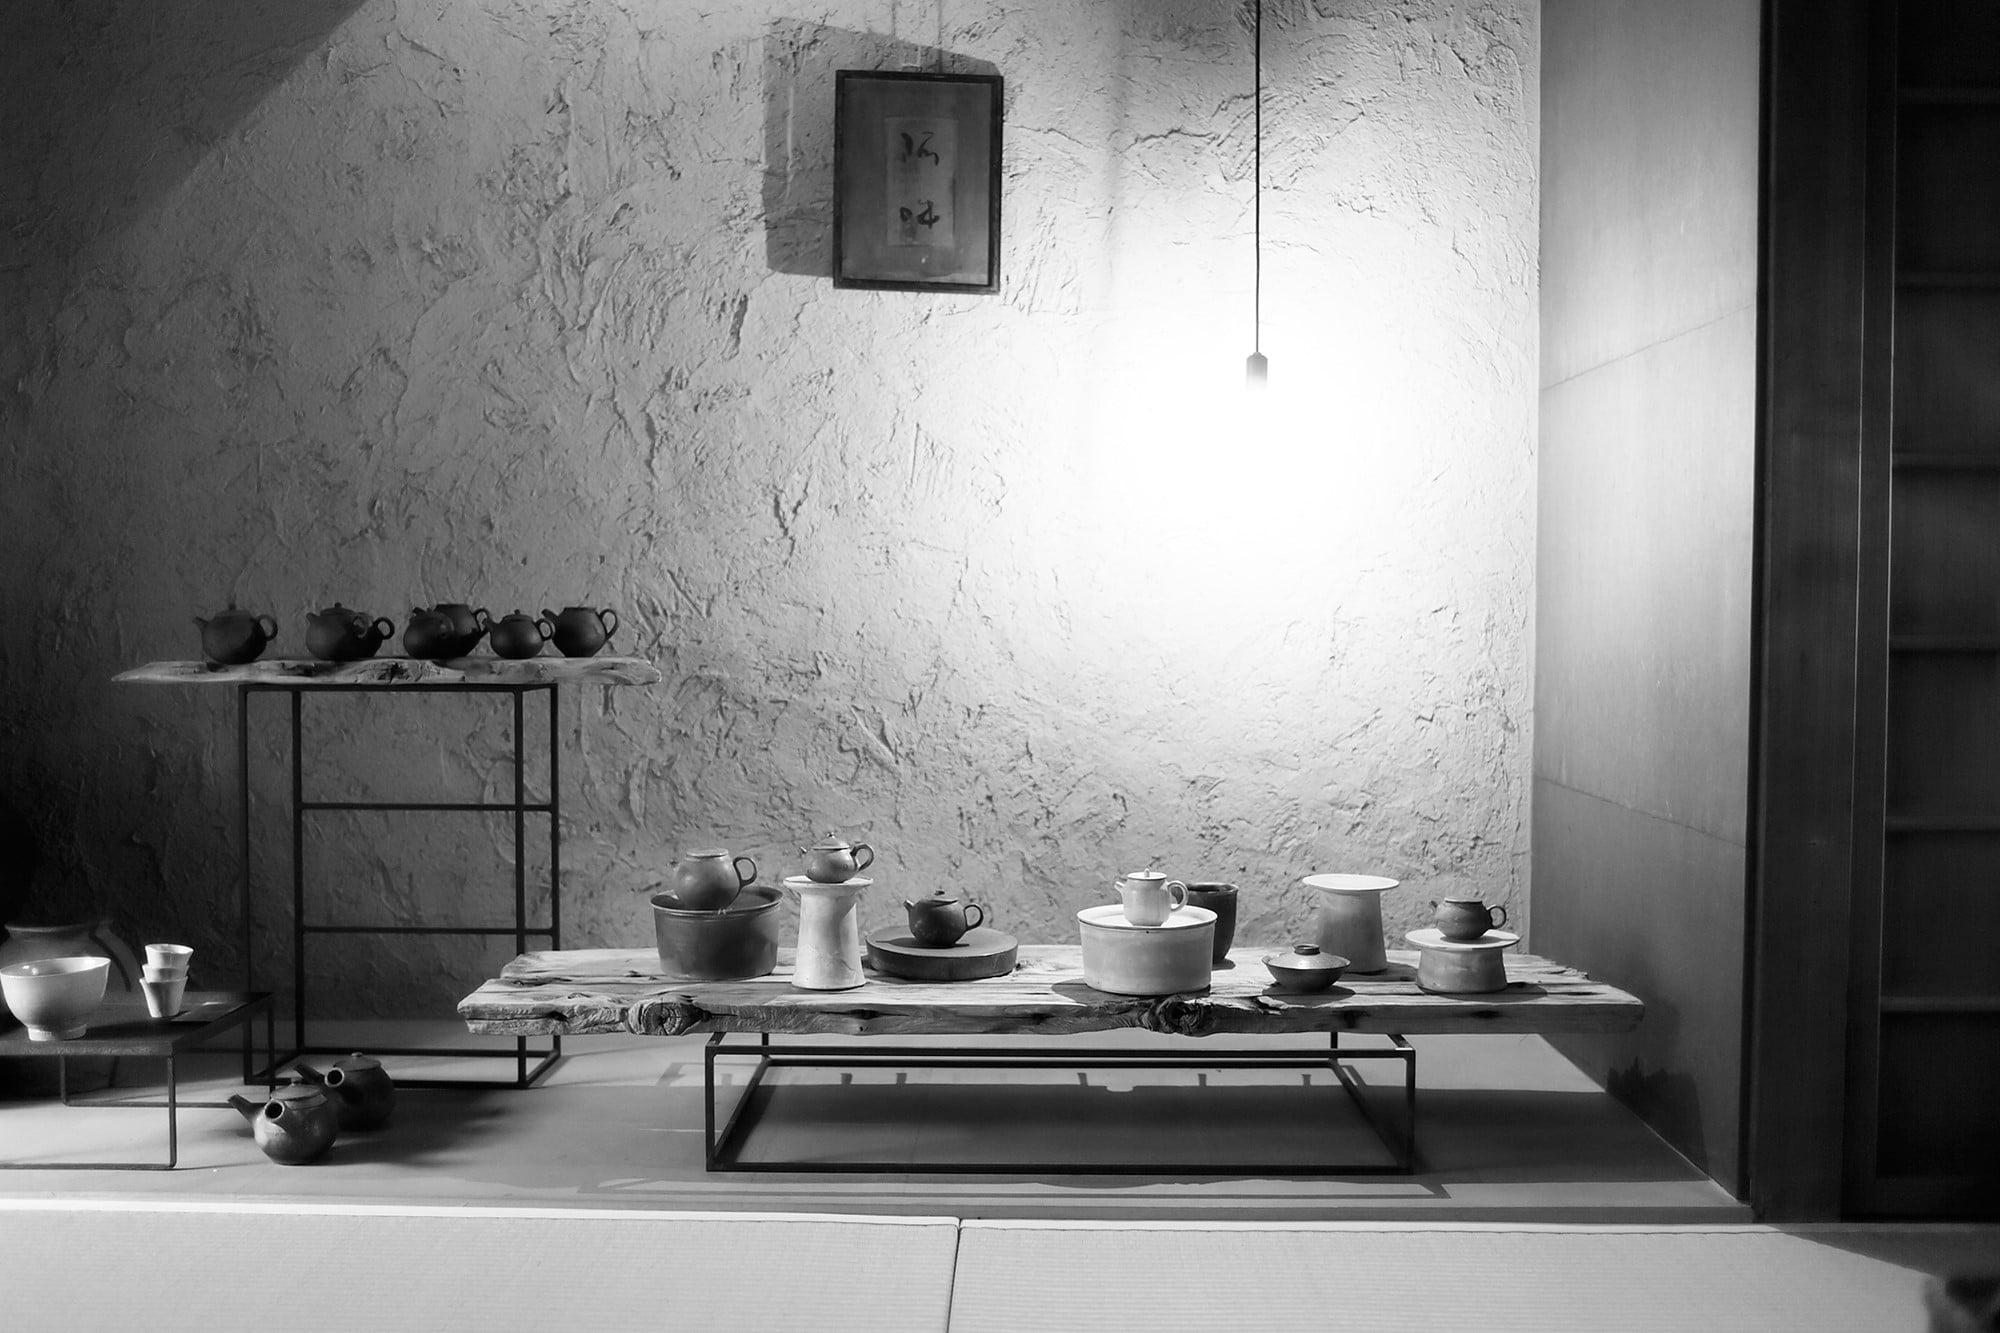 京都小慢1階の茶道具が並ぶ空間。中国茶にまつわる企画展には、作家が特別に作る茶器などここでしか見られないものも多く出展され、評判を呼んでいる。